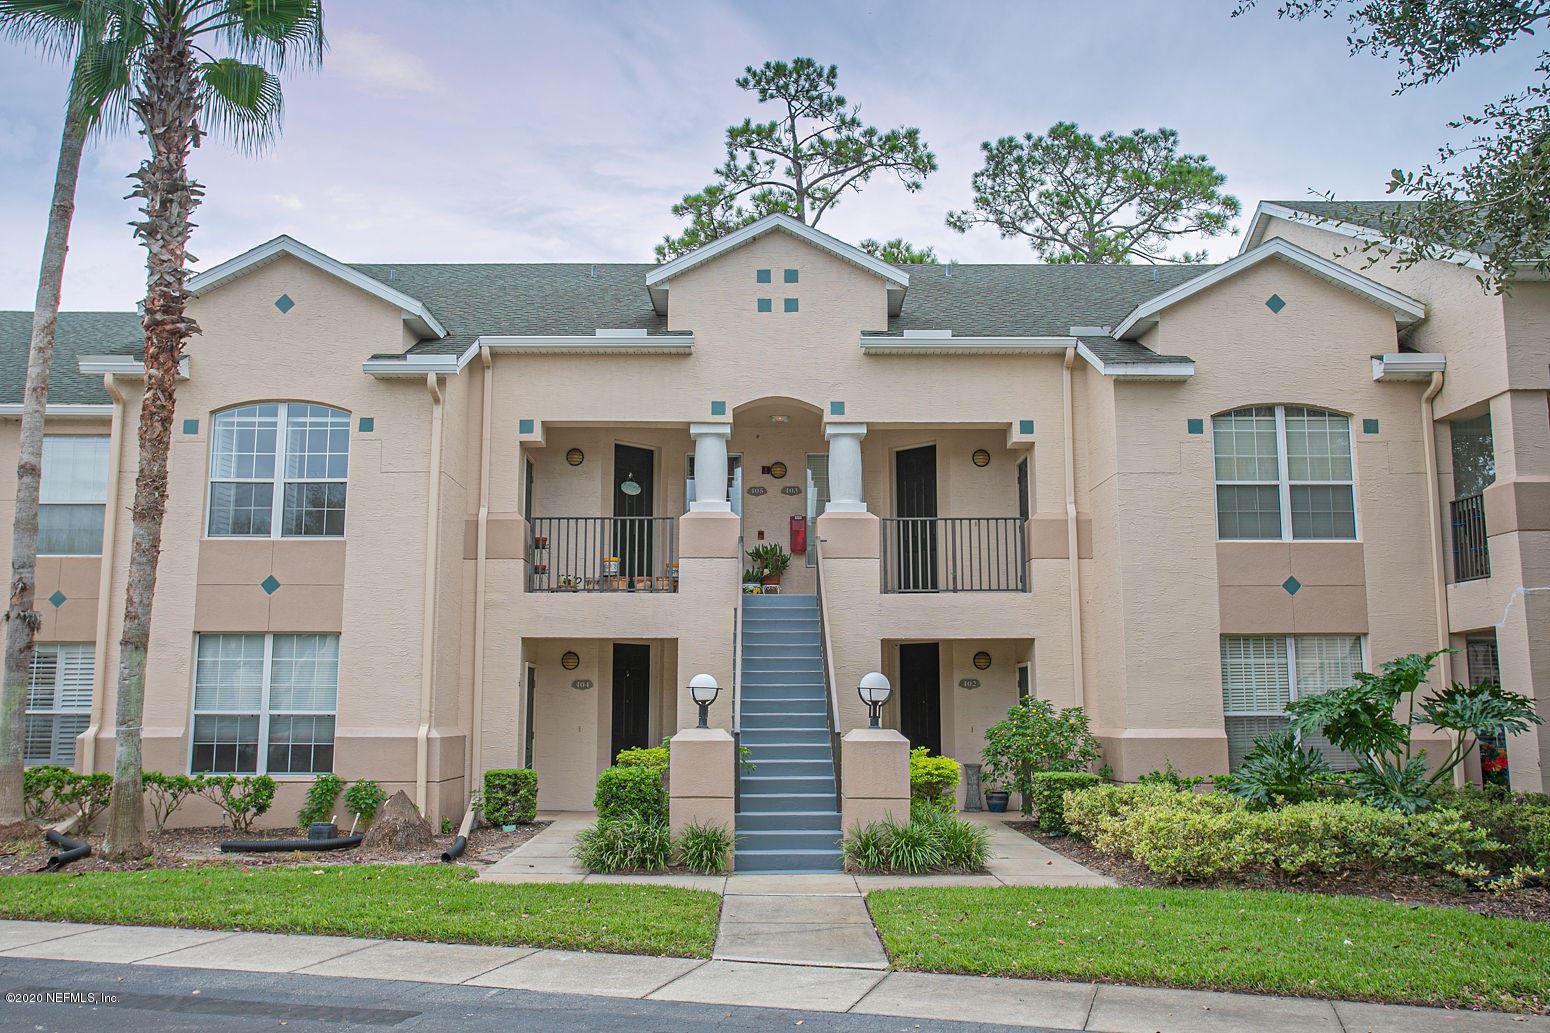 404 AUGUSTA CIR, Saint Augustine, FL 32086 - MLS#: 1073570